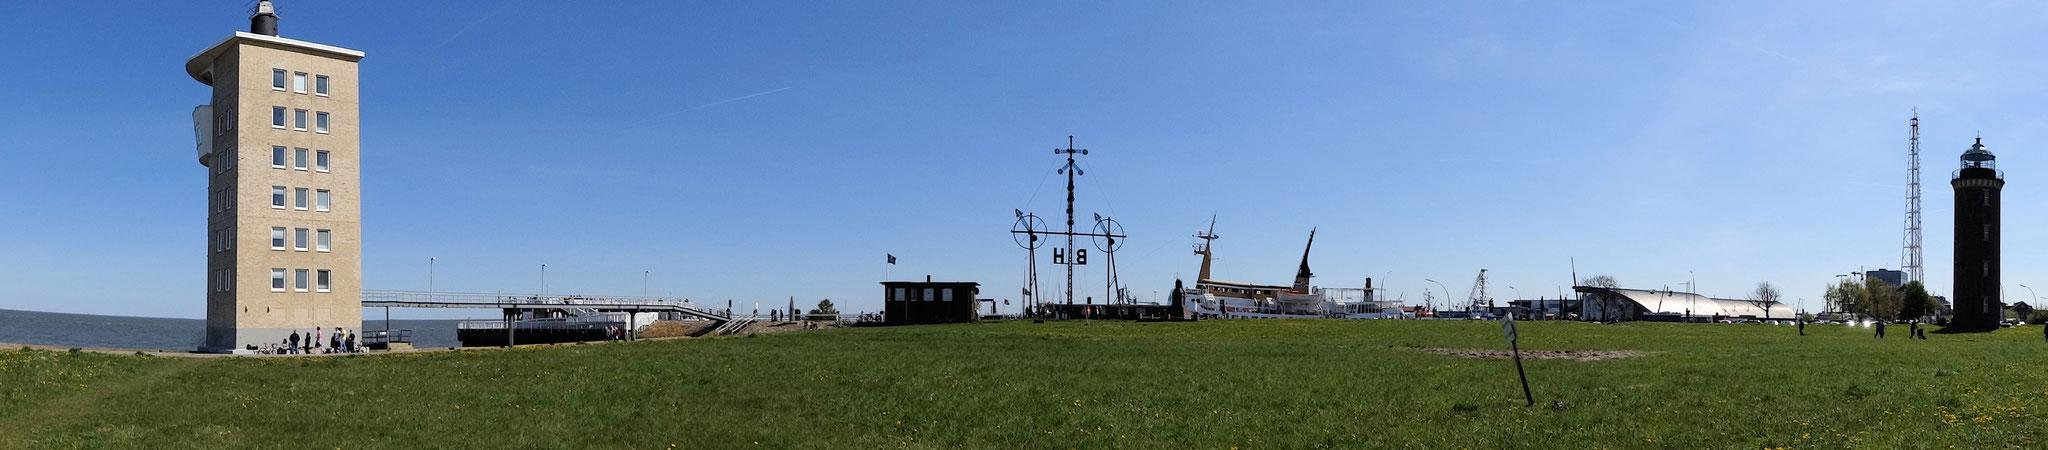 Hafen von Cuxhaven mit der Alten Liebe und dem Leuchtturm